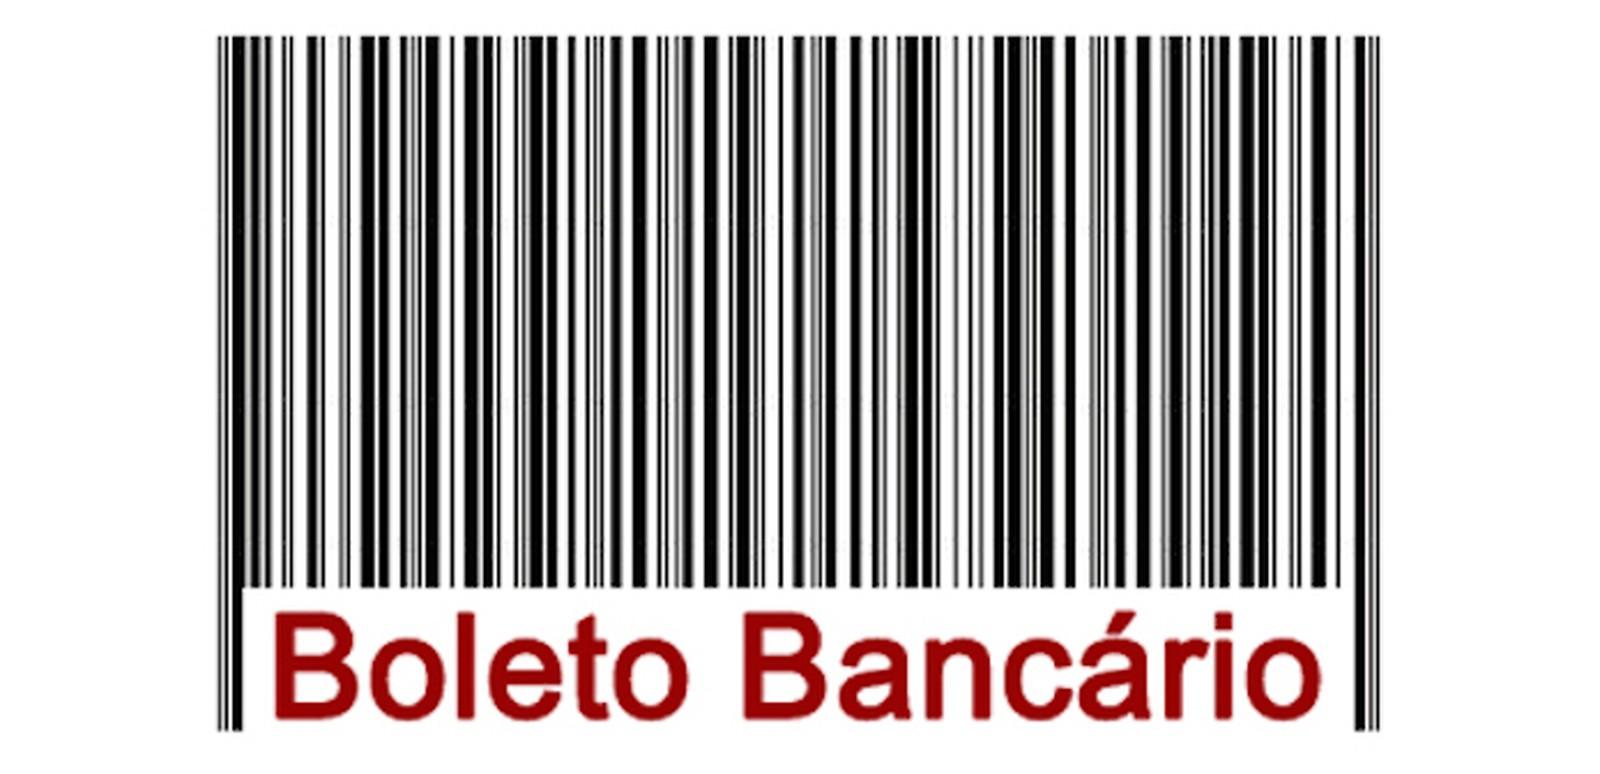 Descrição: Confira riscos de boleto bancário na Internet — Foto: Reprodução/Kaspersky